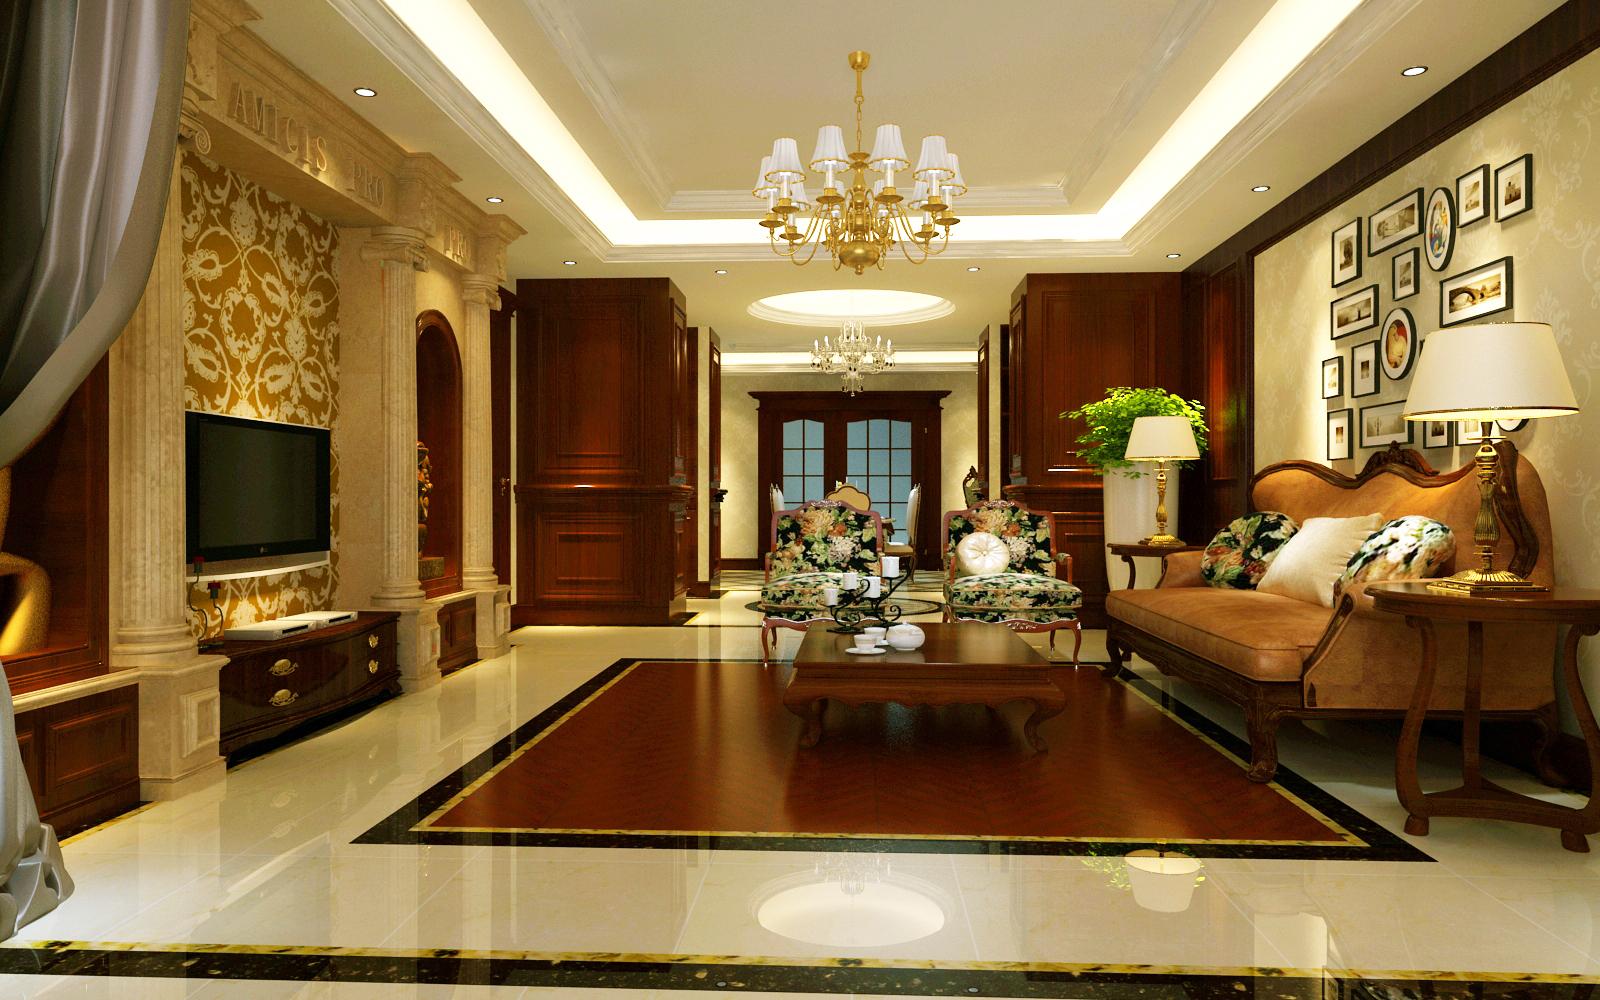 北京装修设计 >华茂城-新中式-二居室装修效果图图片